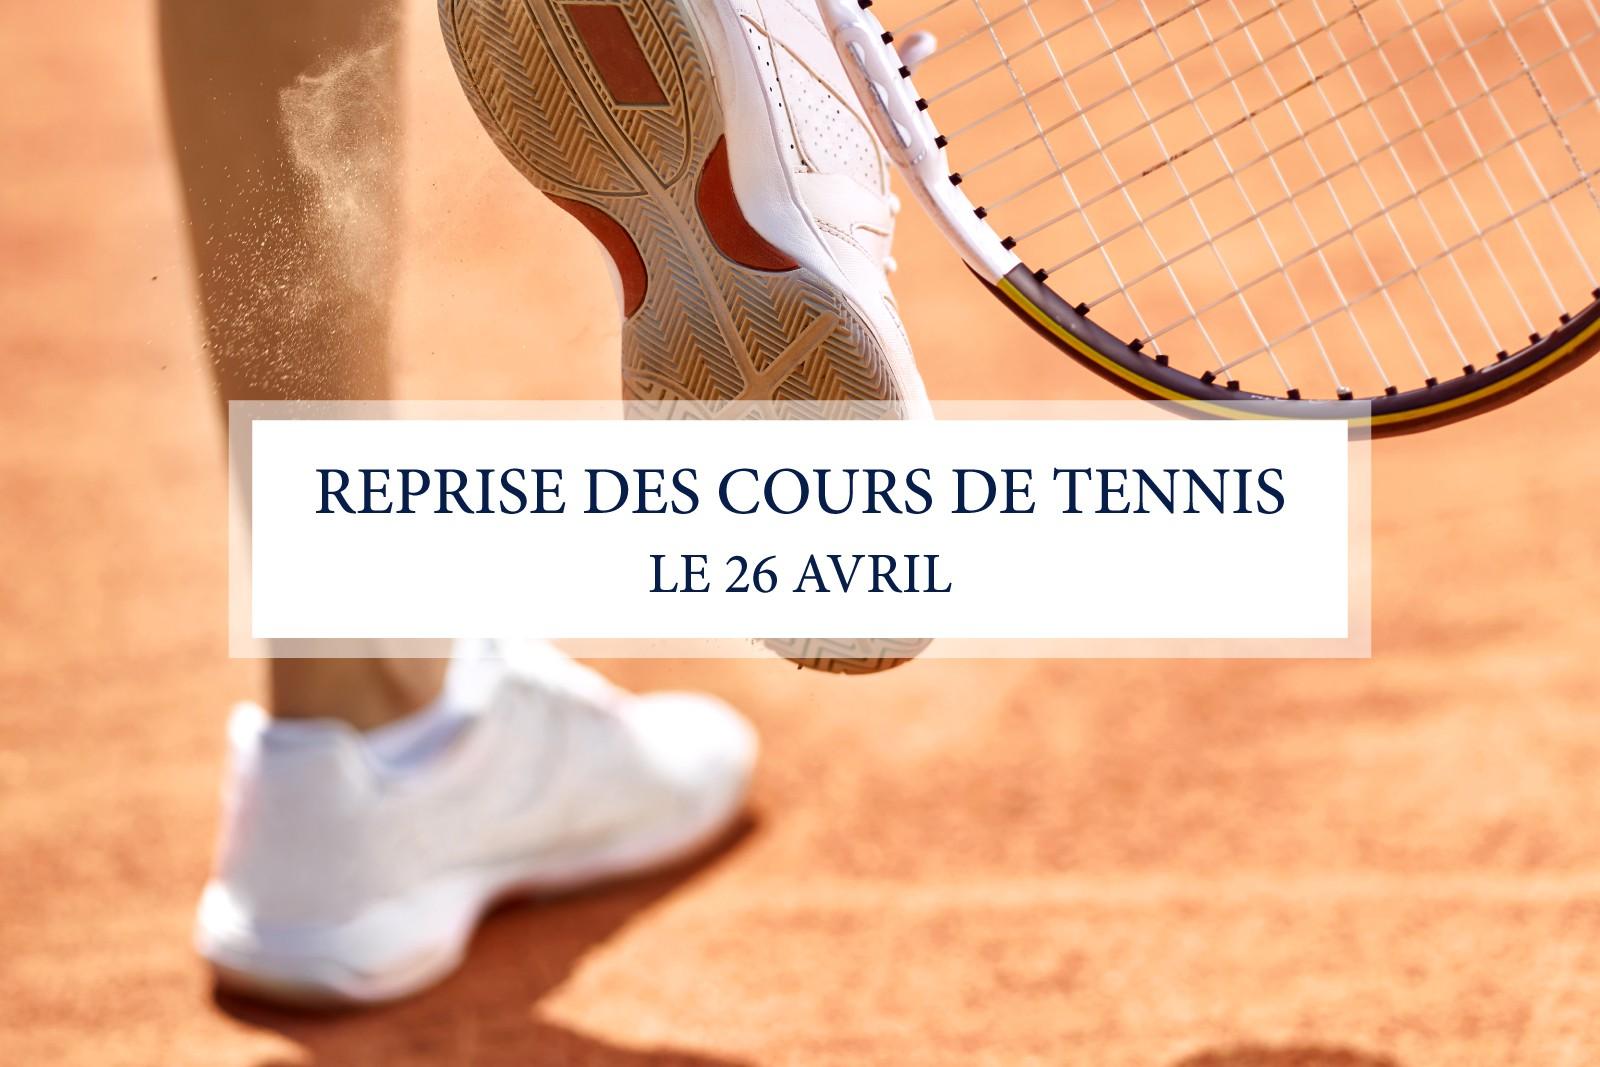 REPRISE DES COURS DE TENNIS DÈS LE 26 AVRIL